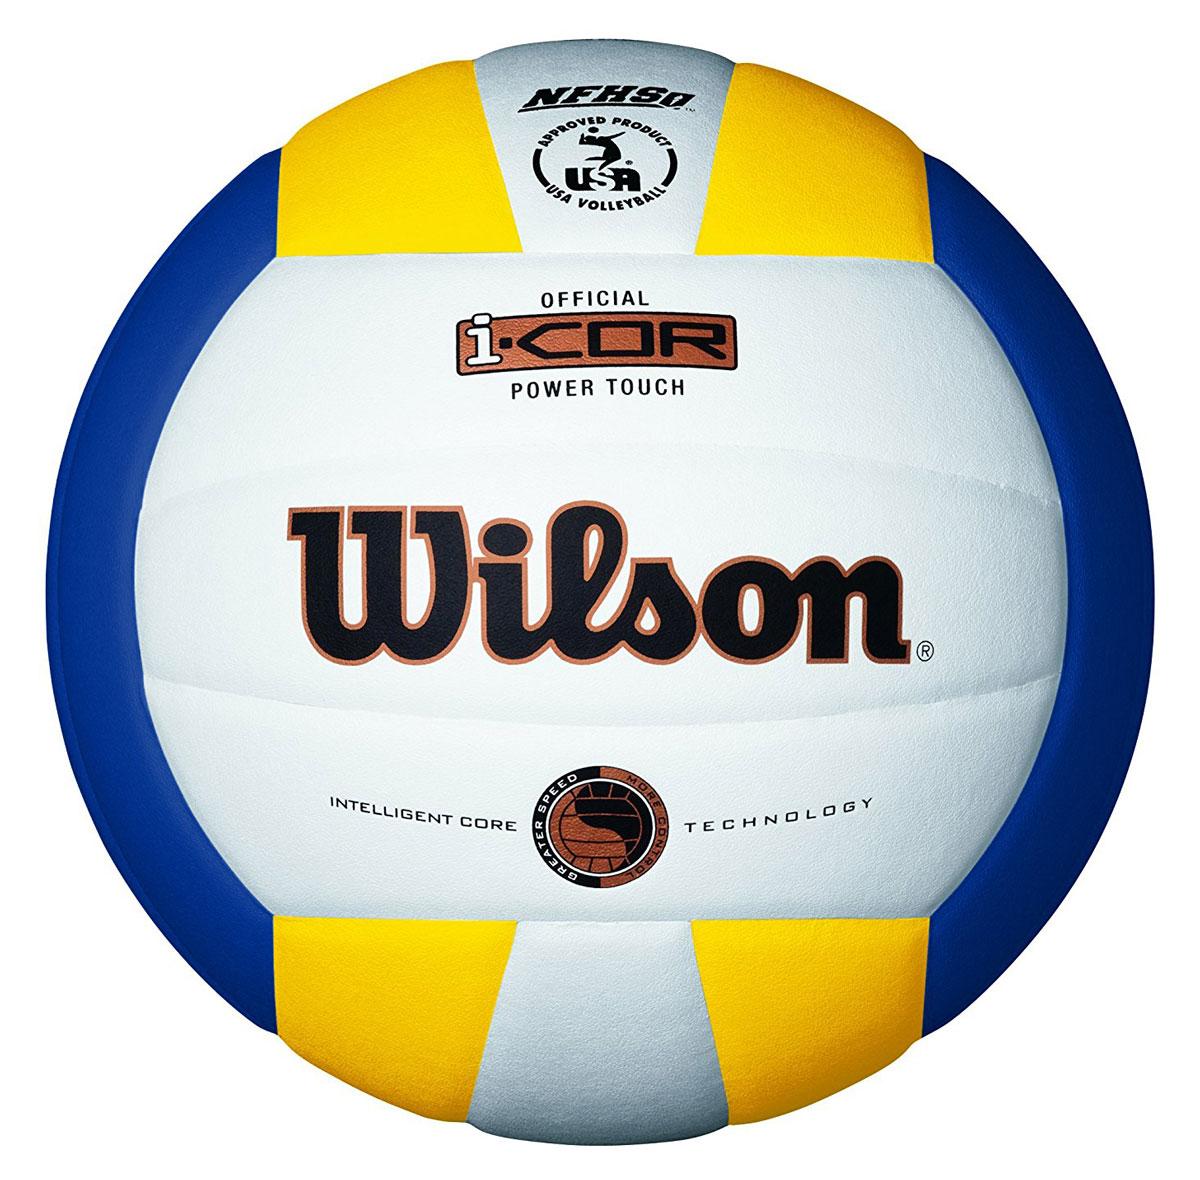 Мяч волейбольный Wilson I-Core Power Touch, цвет: белый, синий, желтый, диаметр 20 см200170Волейбольный мяч Wilson I-Core Power Touch вобрал в себя все лучшие технологии для комфортных тренировок и игр команд любого уровня. Поверхность мяча выполнена из высокотехнологичного композитного материала на основе микрофибры, с применением технологии Soft Touch, имитирующей по ощущениям натуральную кожу и обеспечивающей правильный отскок. Мяч оснащен бутиловой камерой.Диаметр мяча: 20 см.УВАЖЕМЫЕ КЛИЕНТЫ!Обращаем ваше внимание на тот факт, что насос в комплект не входит.